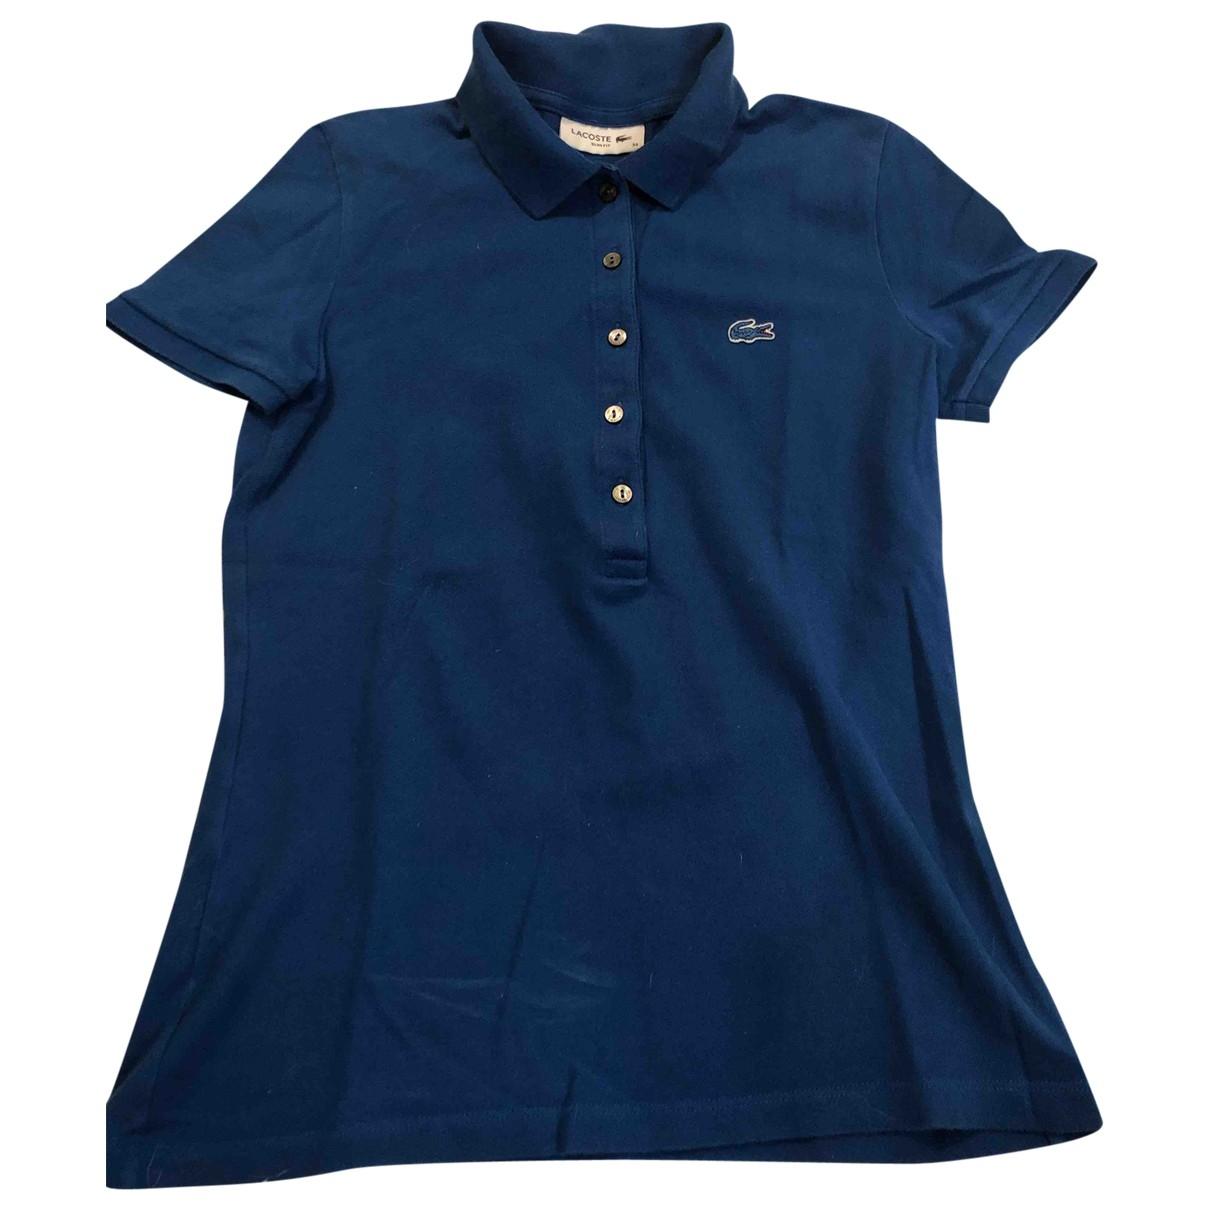 Lacoste \N Oberteile in  Blau Baumwolle